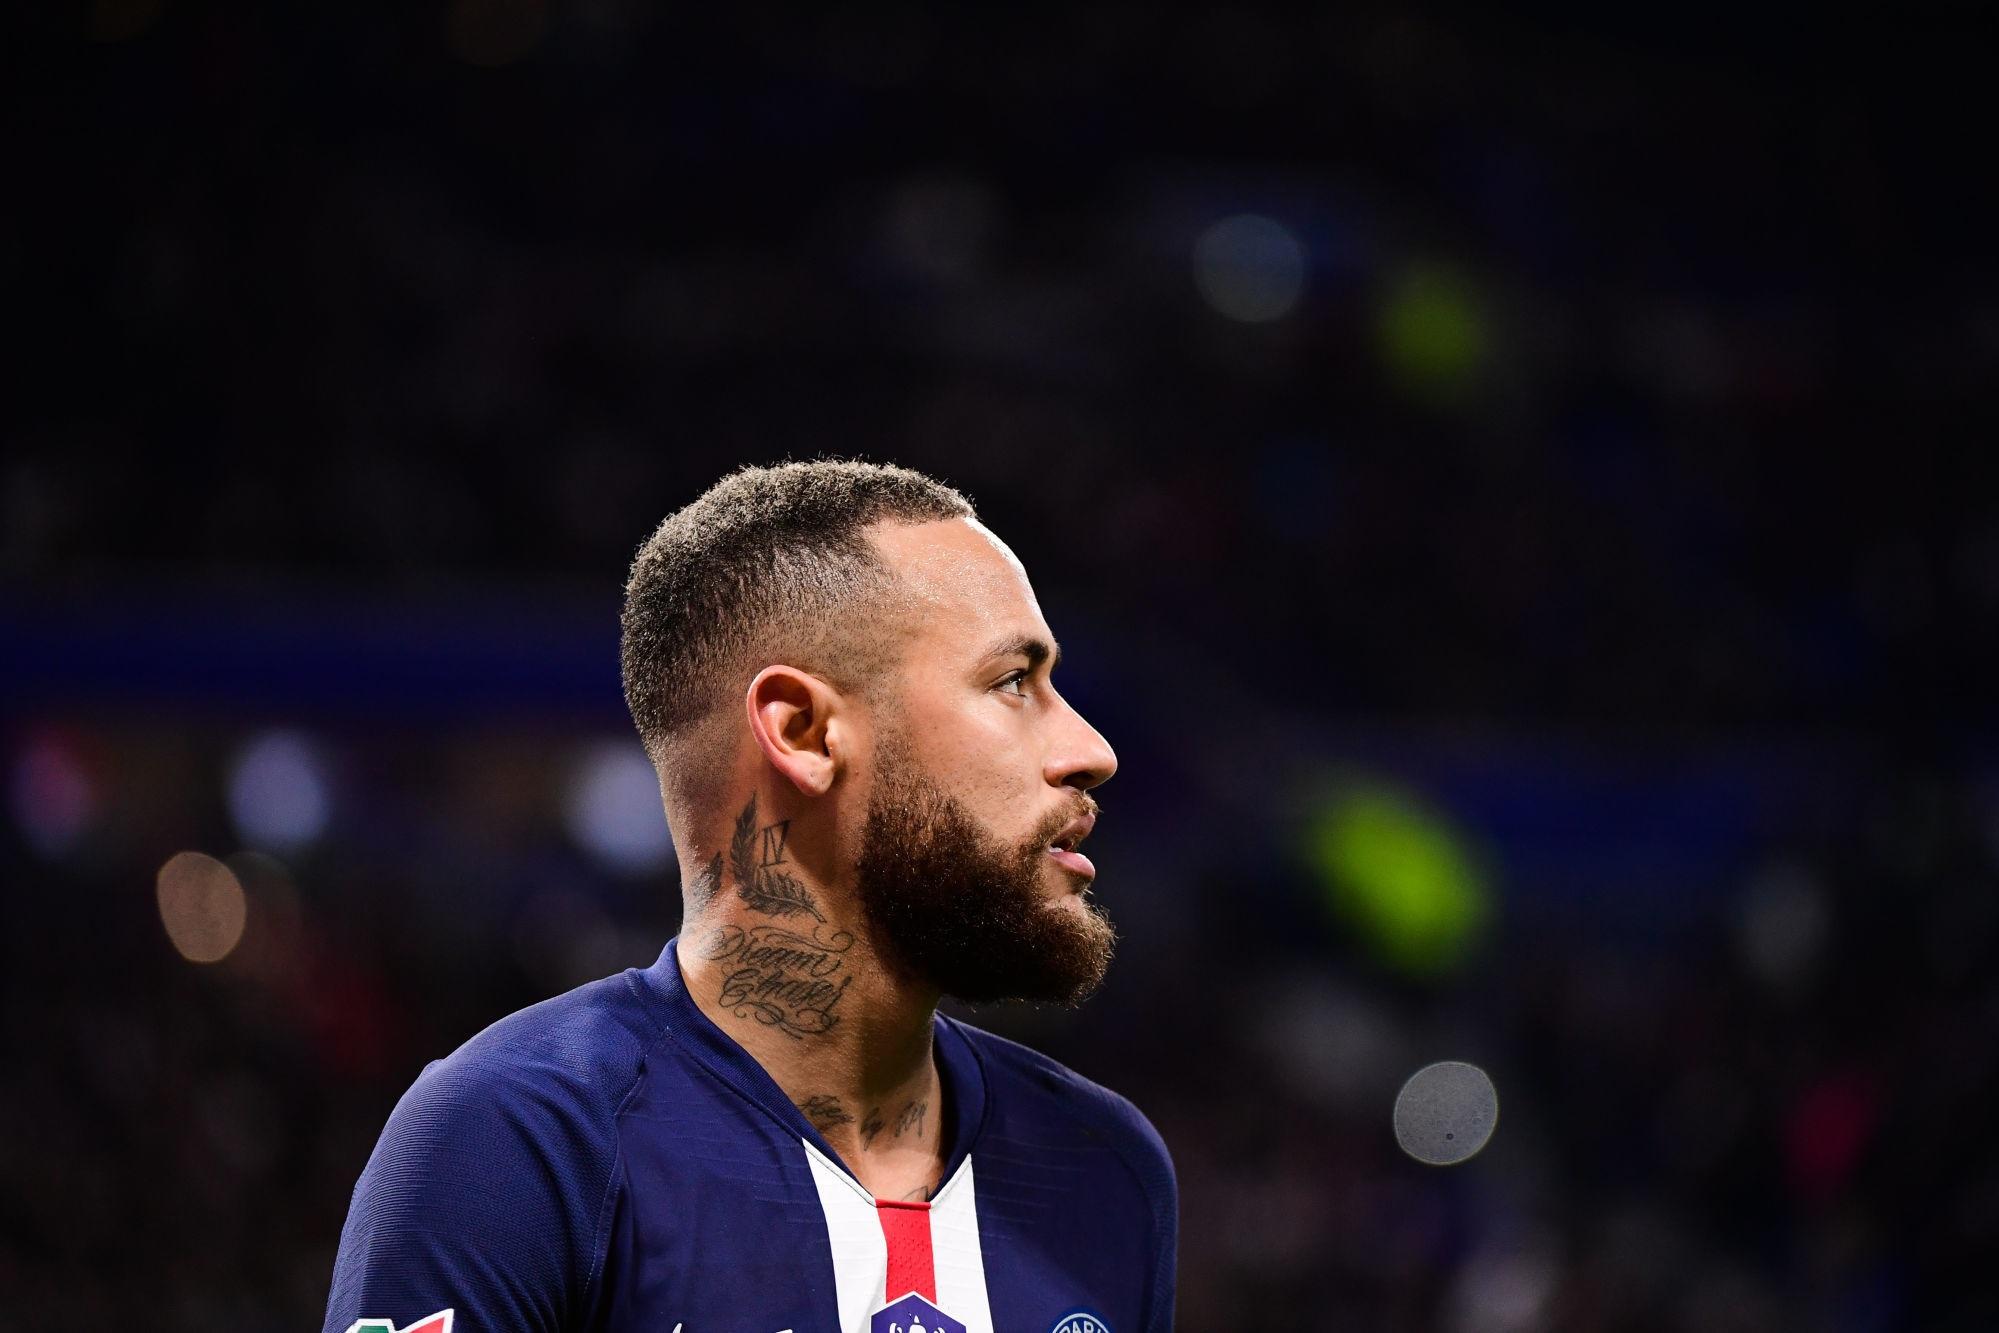 Neymar a été banni de Twitch pour une semaine